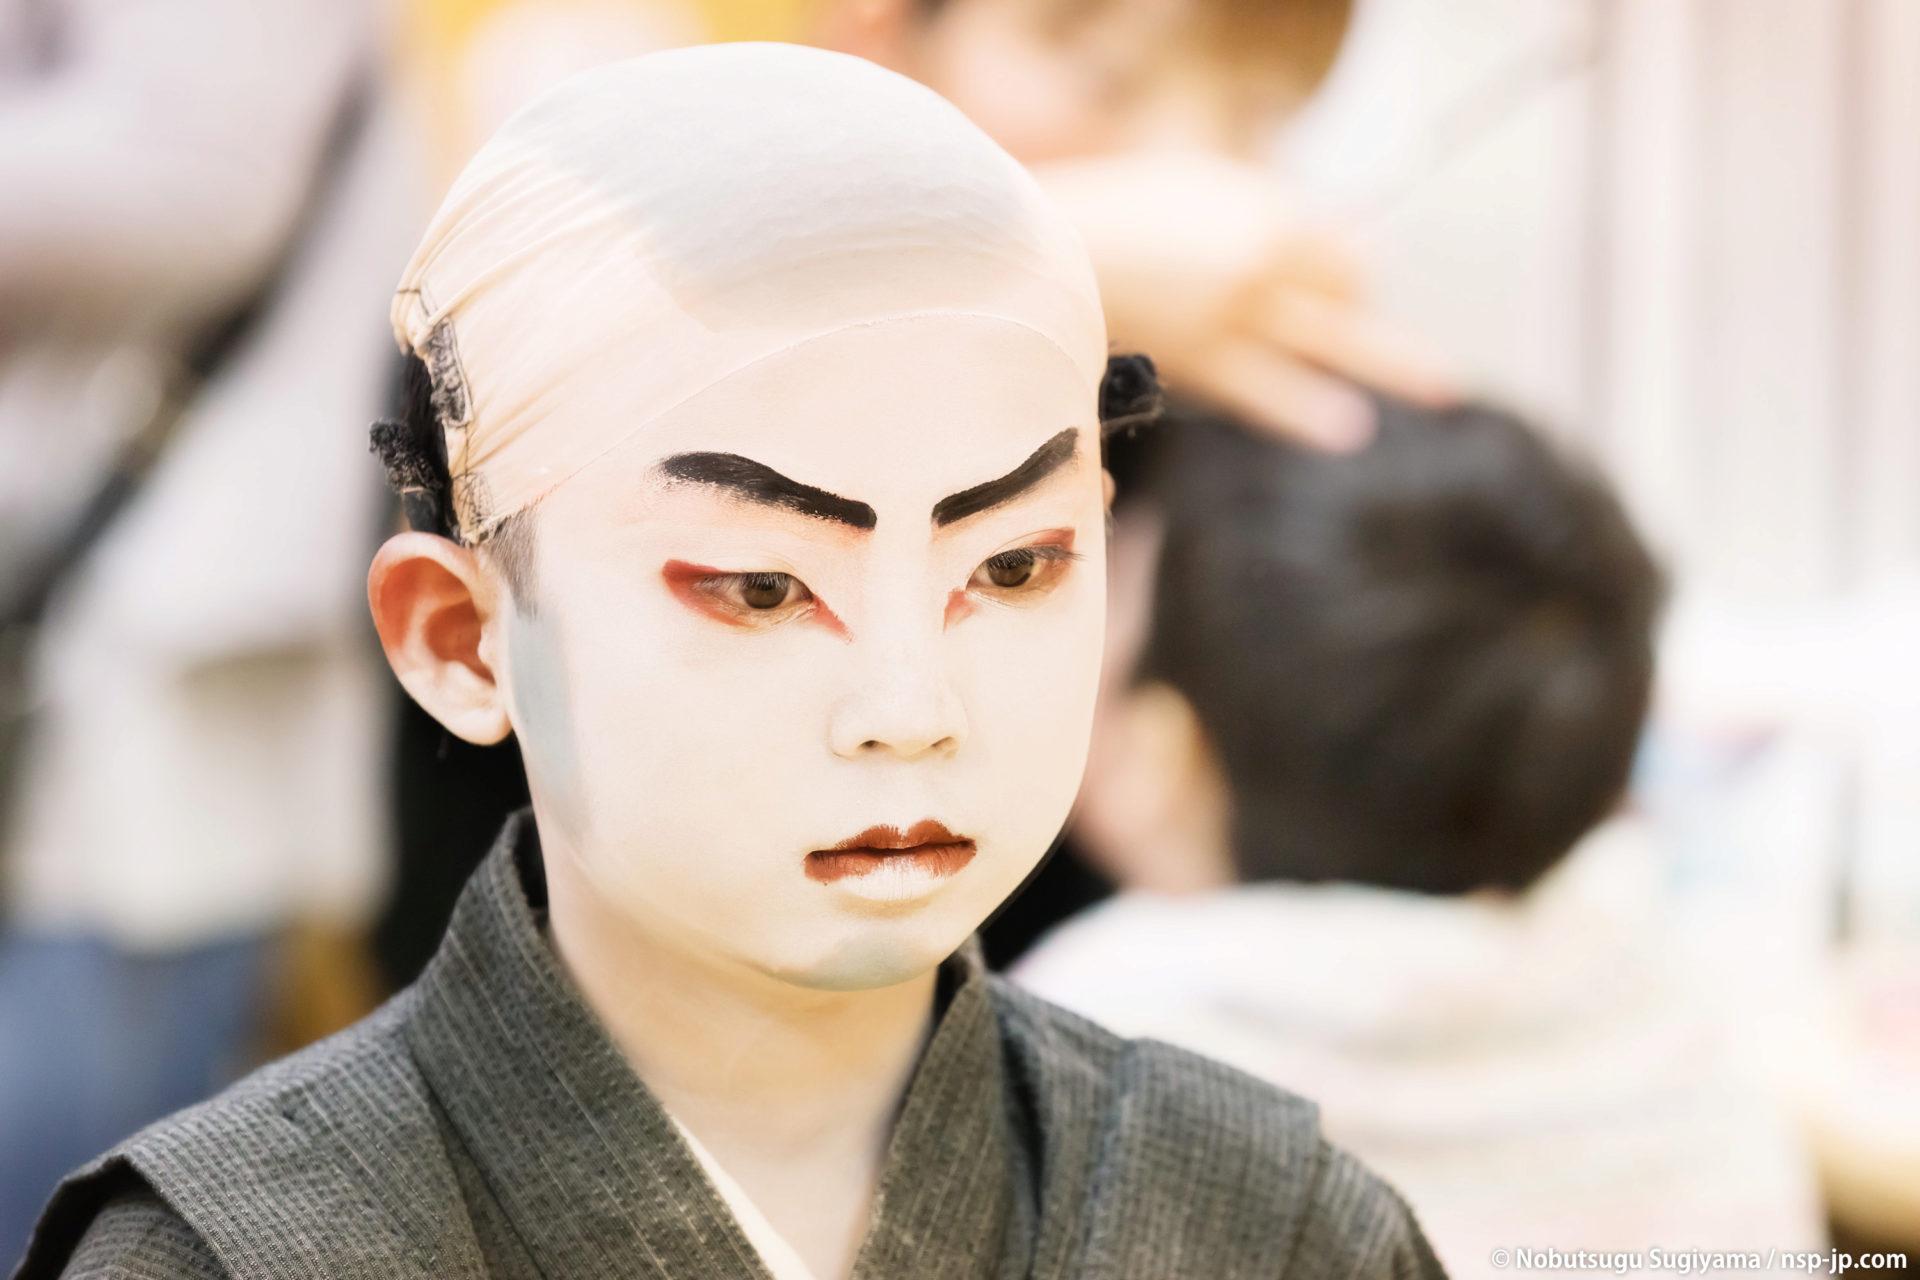 村国座-子供歌舞伎 | 岐阜 故郷巡礼 by 杉山宣嗣